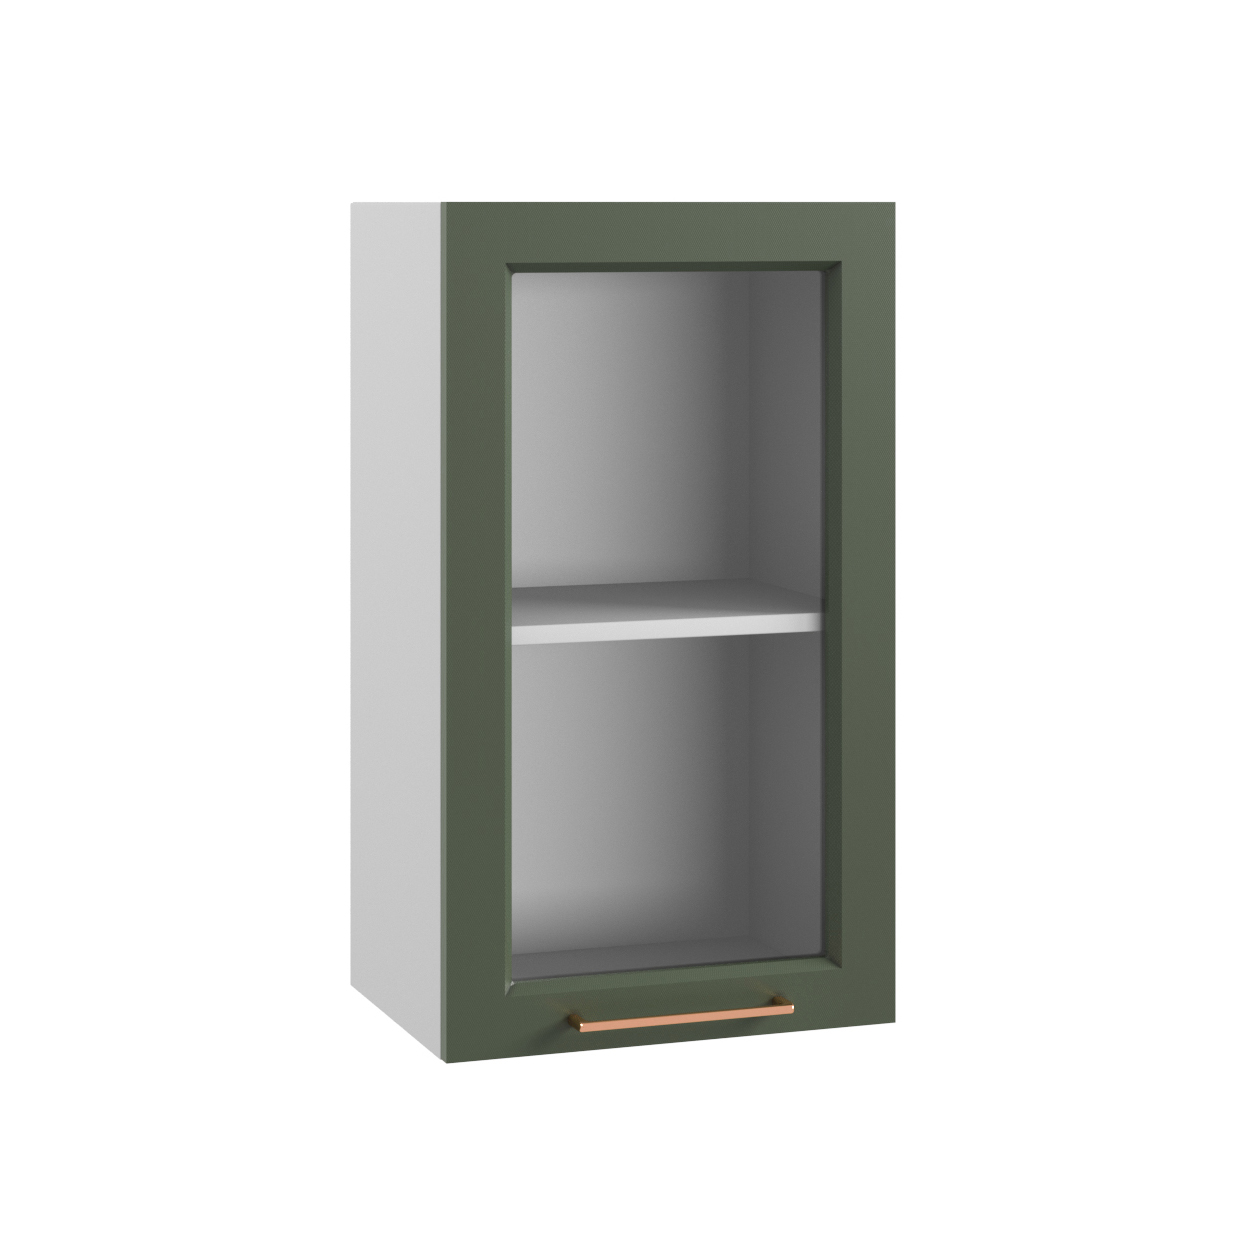 Кухня Квадро ПС 400 Шкаф верхний стекло